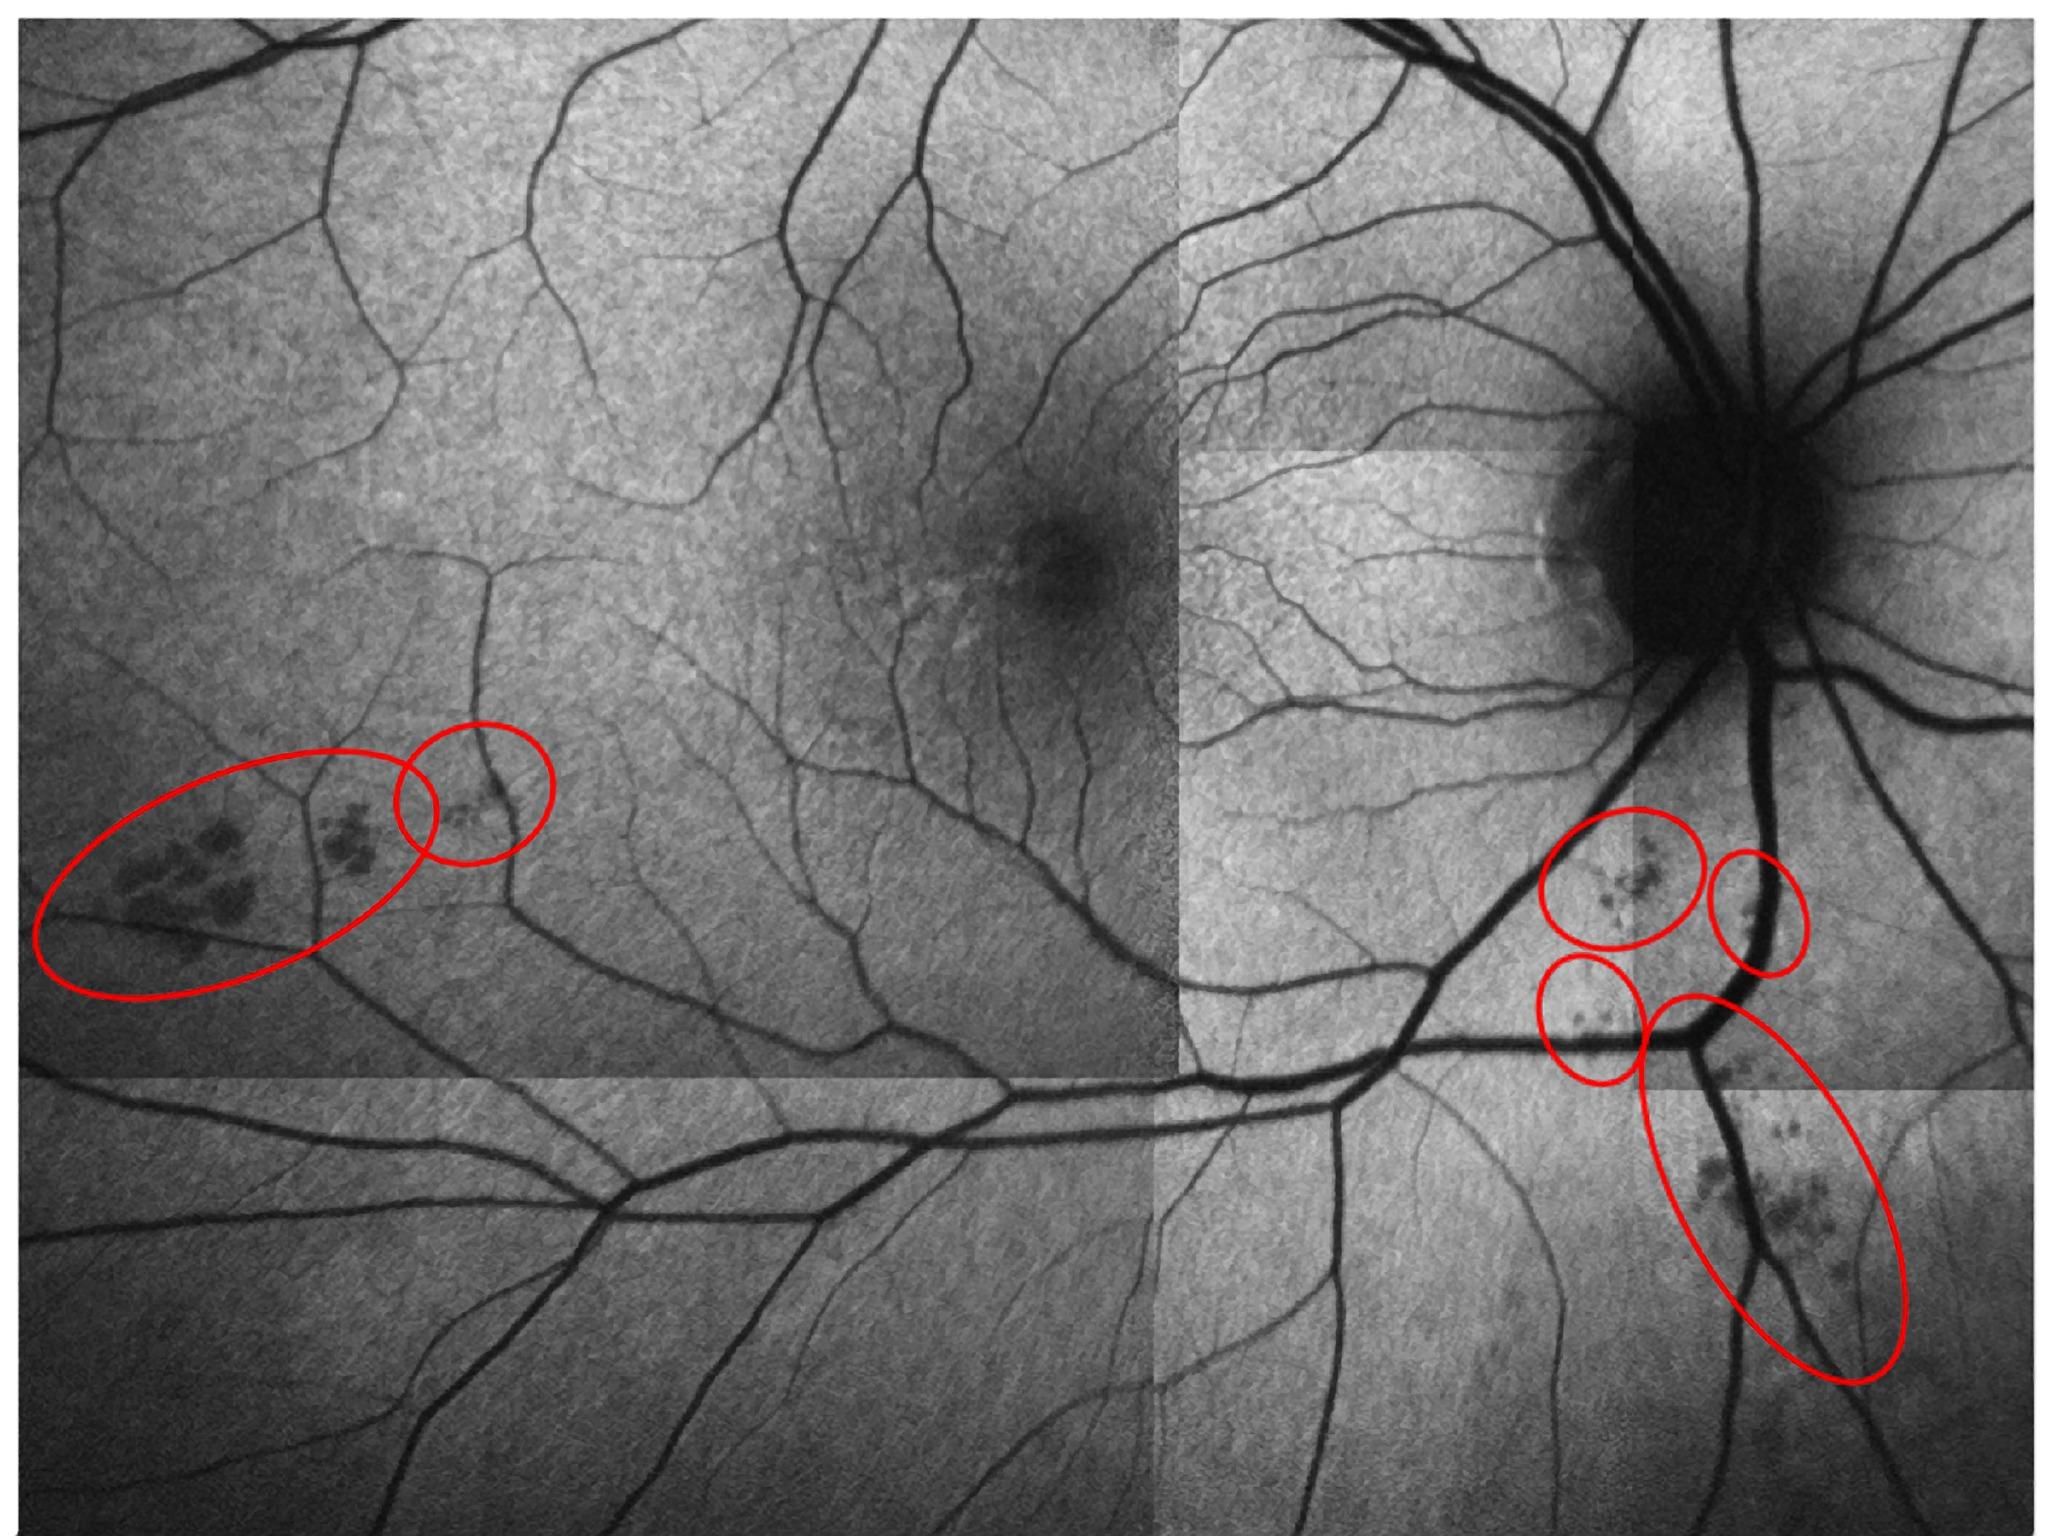 Крохотные включения всетчатке могут предсказать развитие болезни Альцгеймера задолго до появления симптомов.